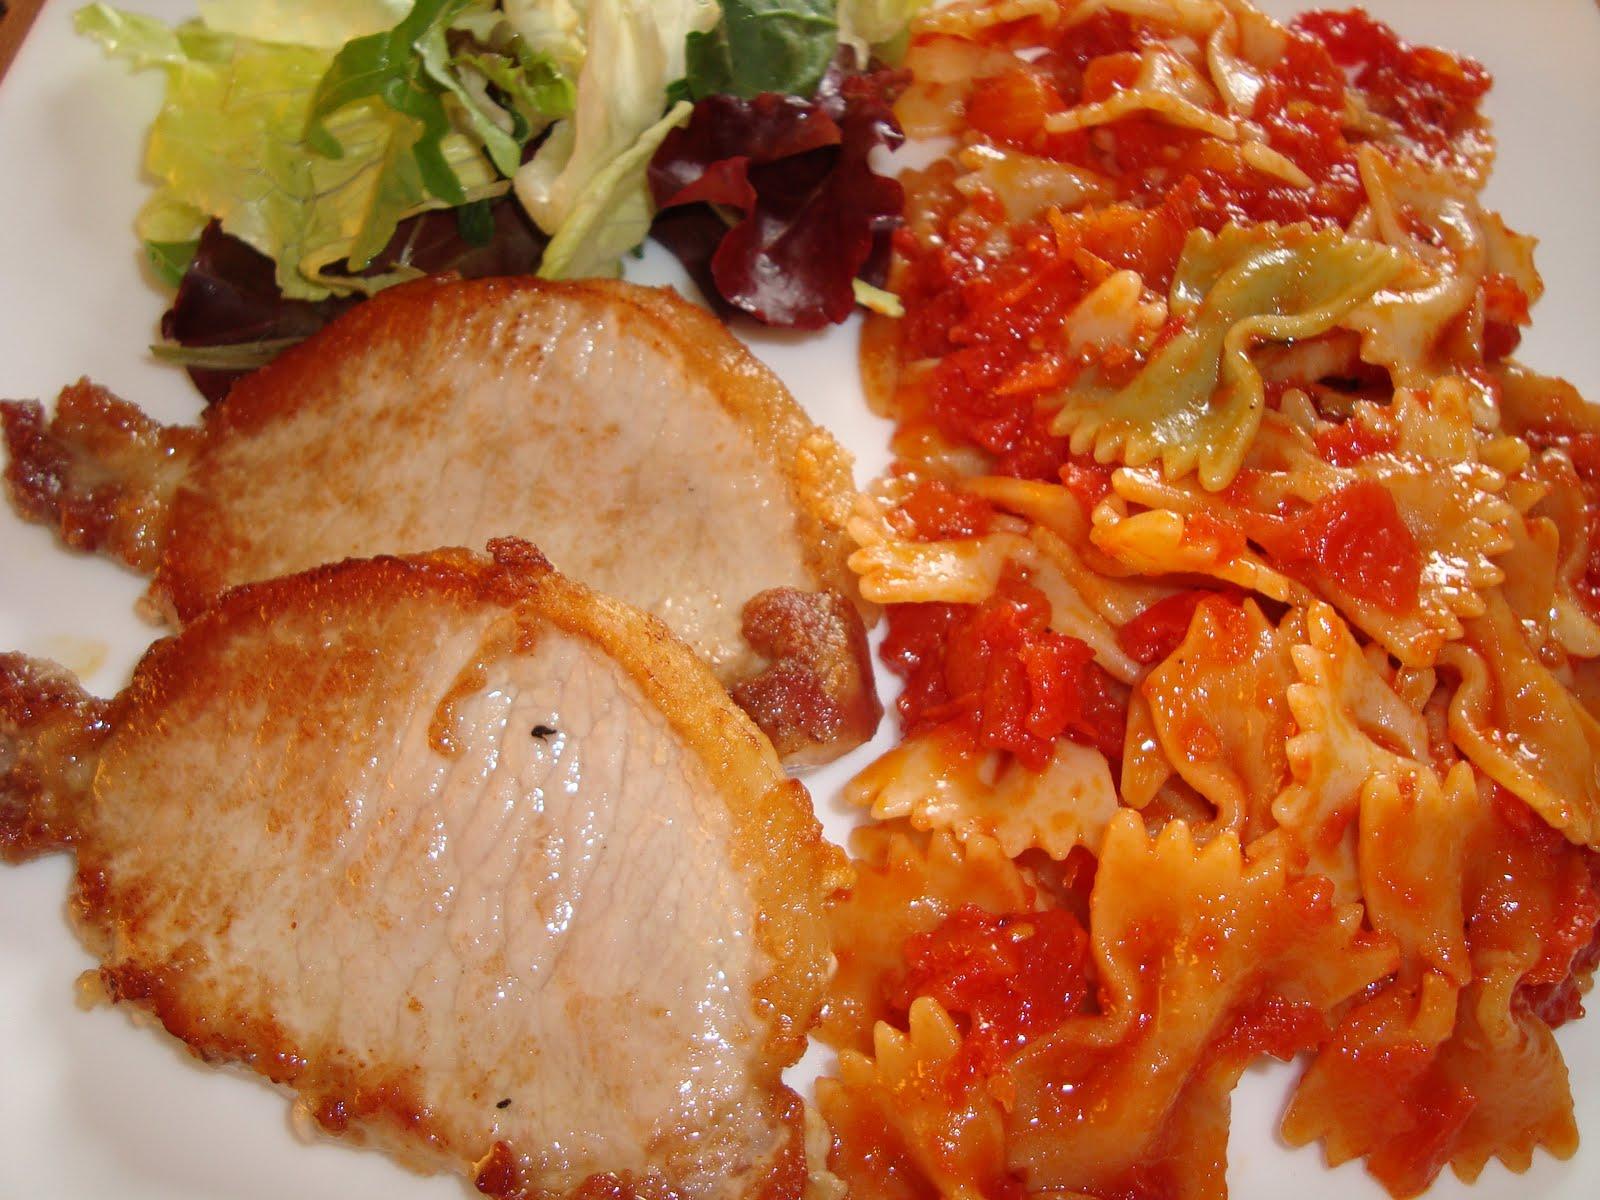 Quiero ser s per famosa guarniciones para carnes - Guarniciones para carne en salsa ...